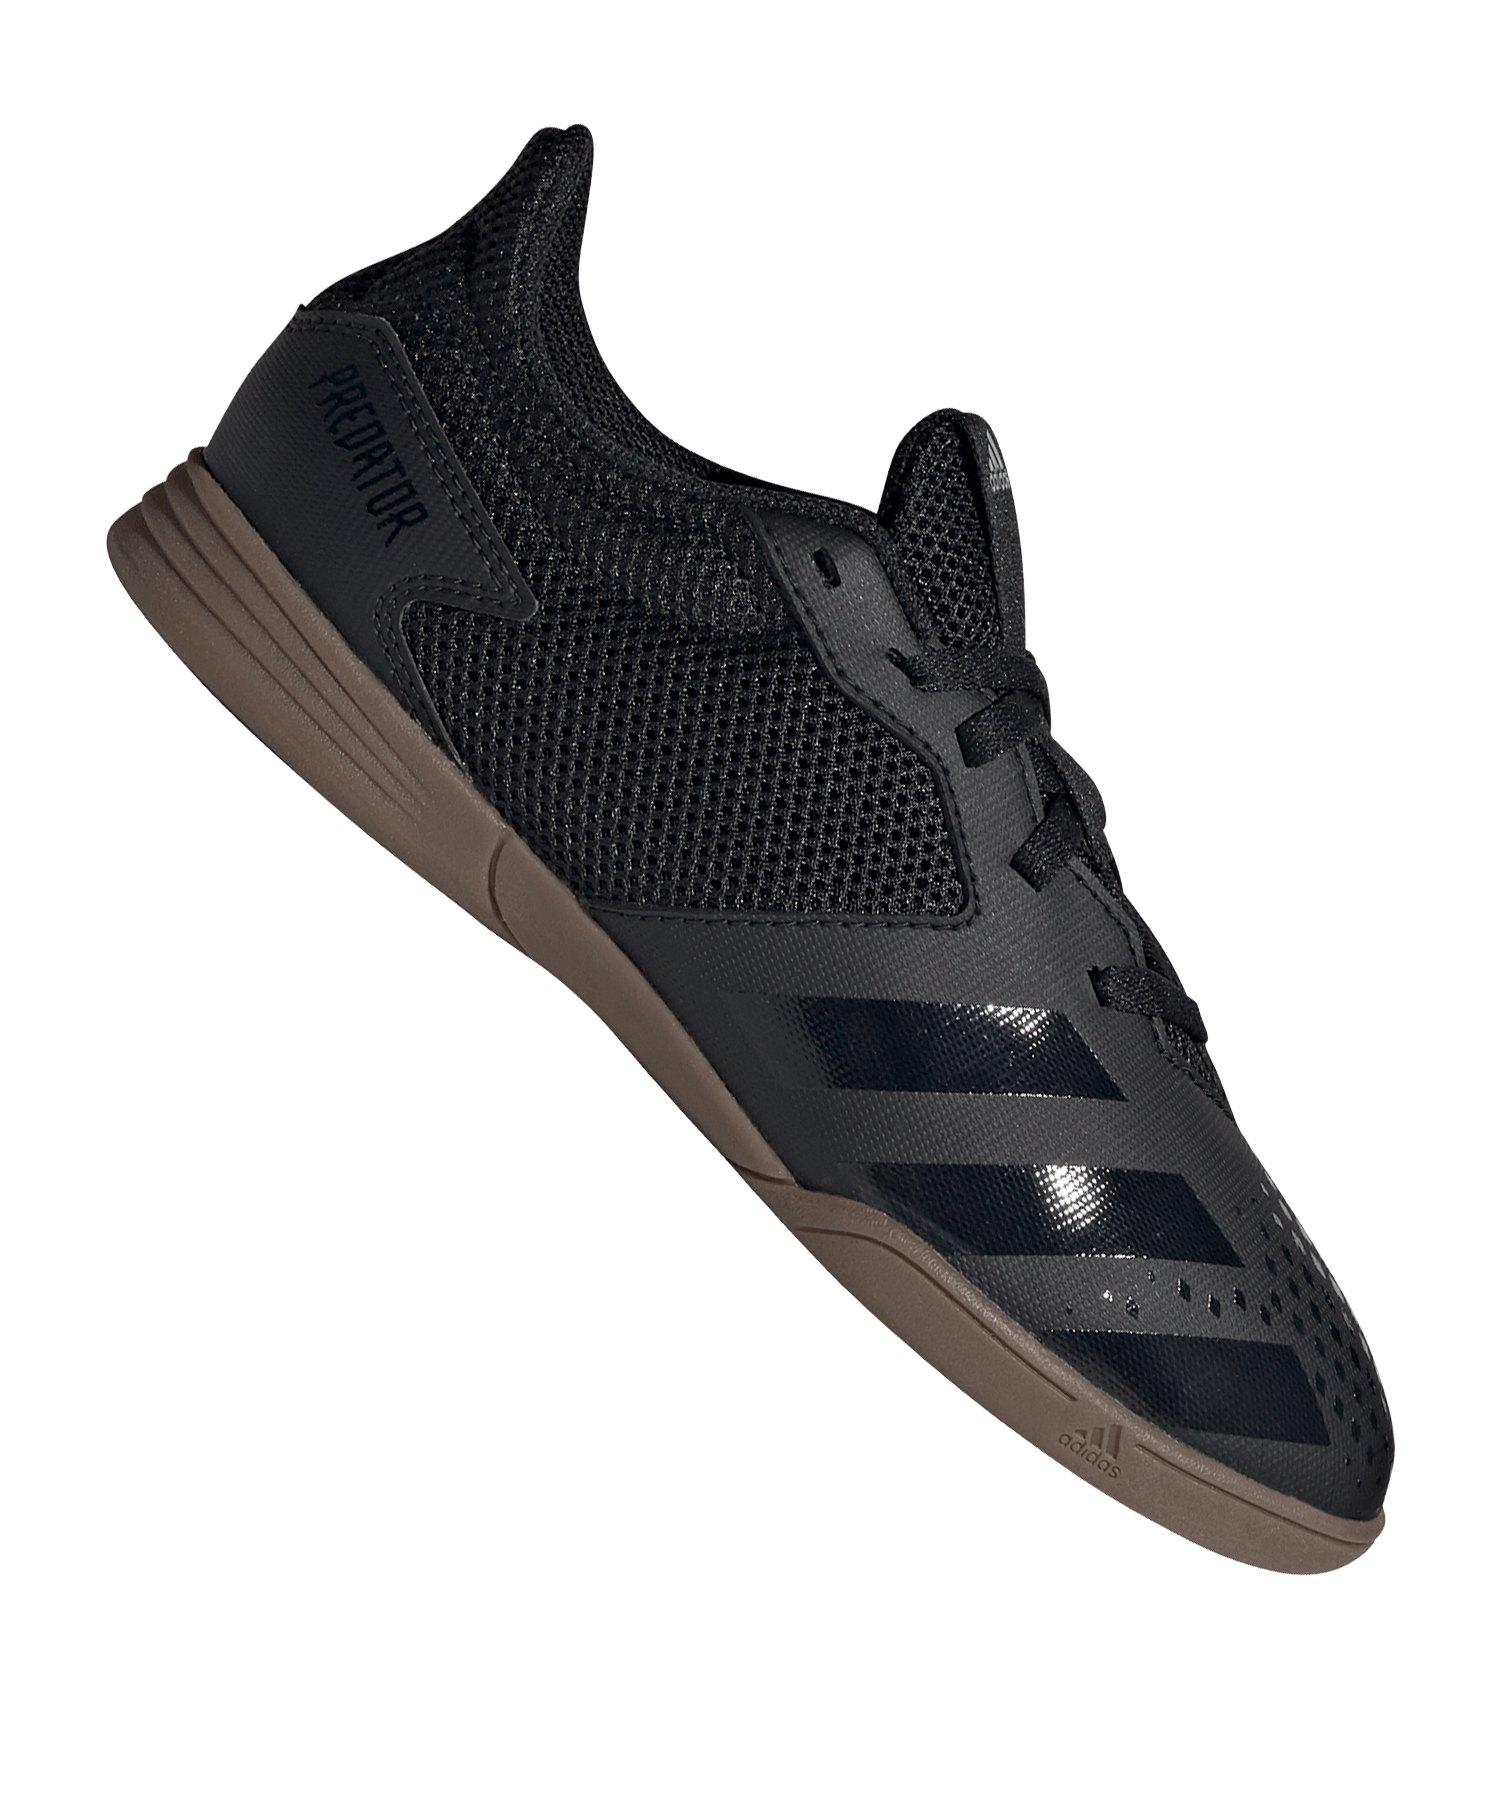 adidas Predator 20.4 IN Halle Kids Schwarz Grau - schwarz